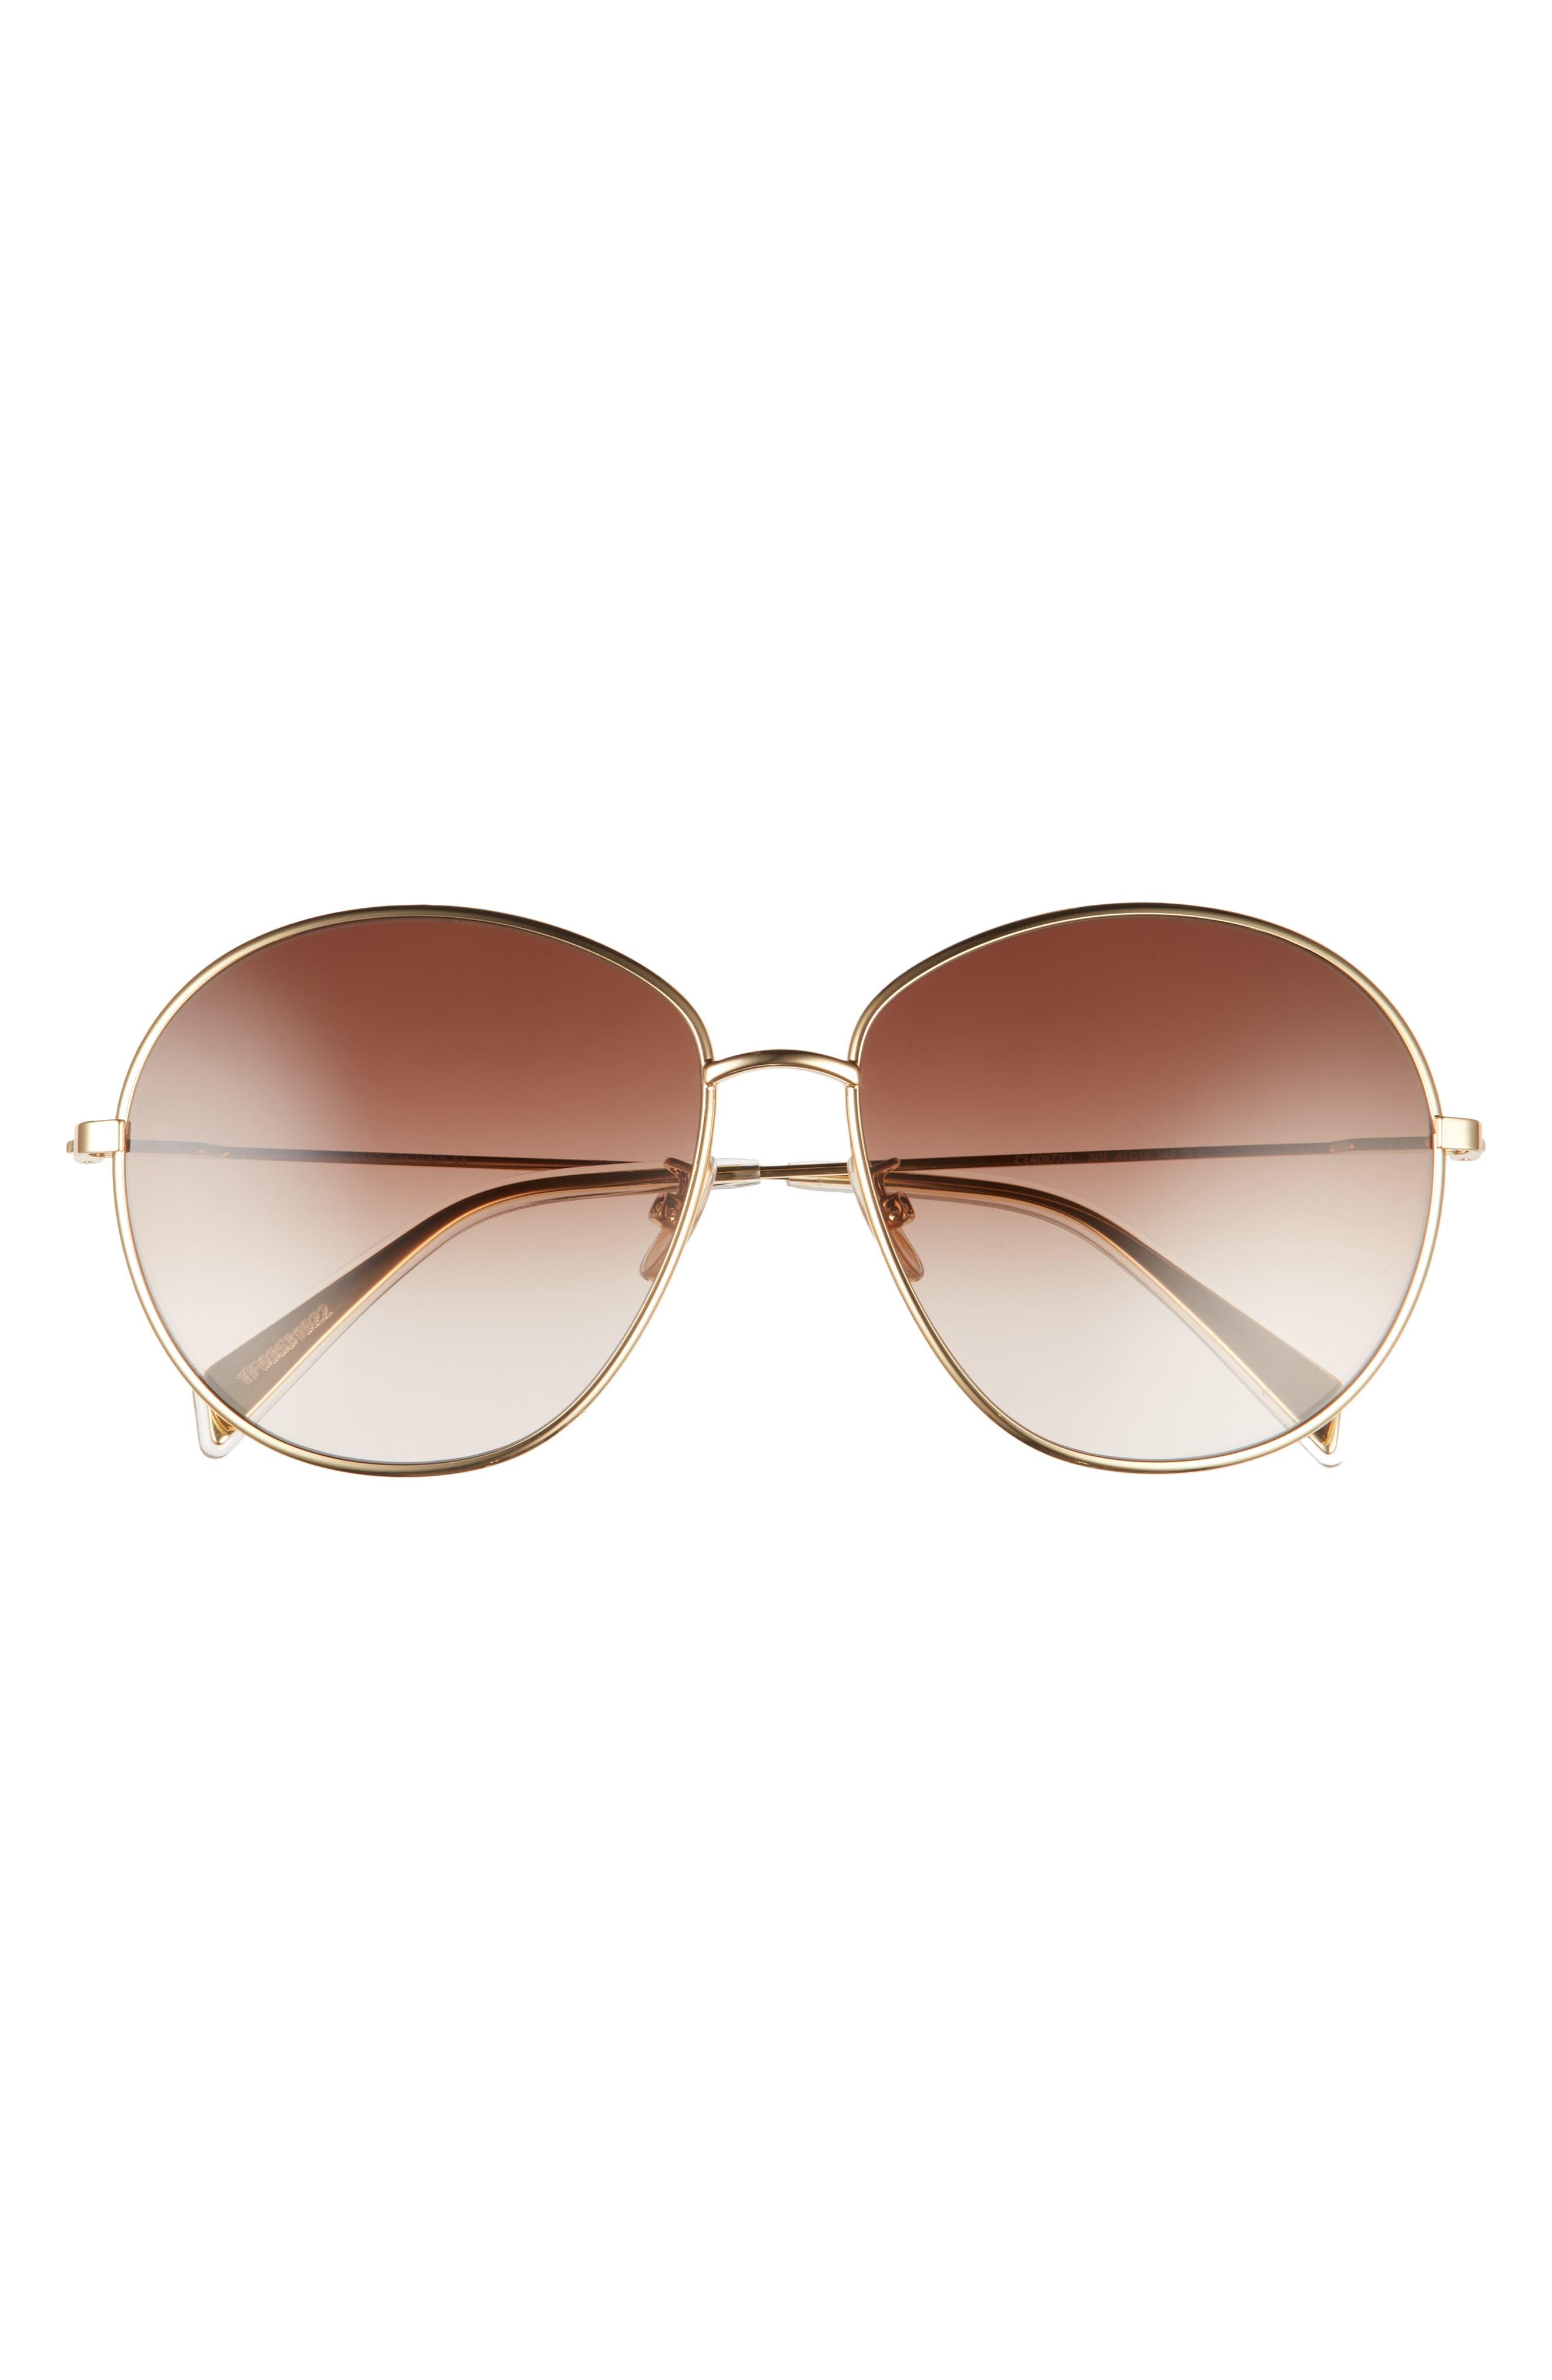 61mm Gradient Round Sunglasses